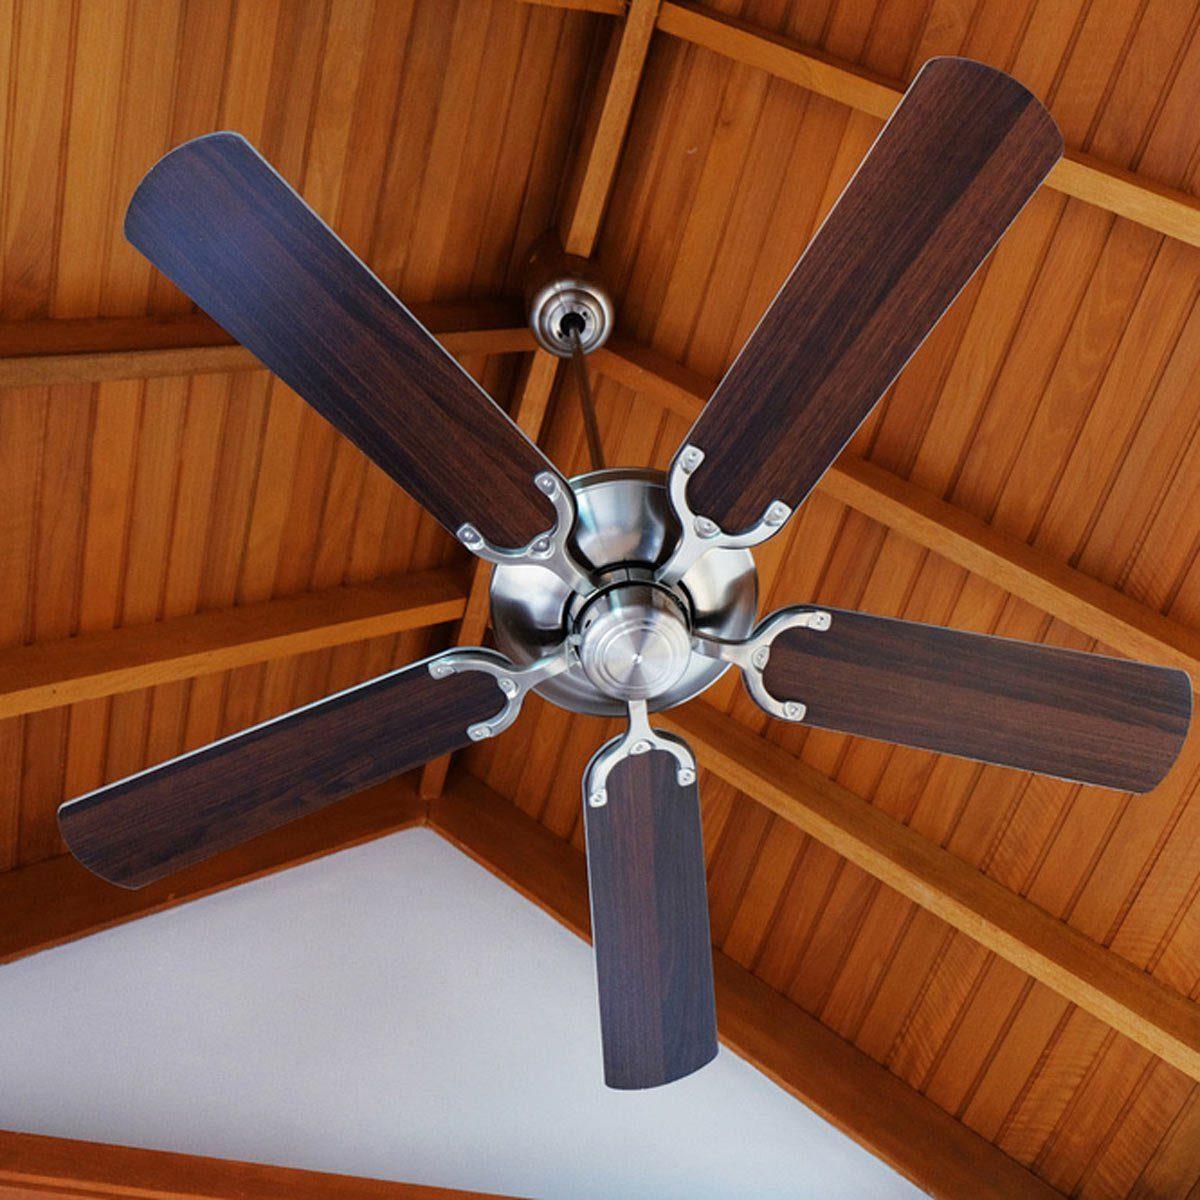 ceiling fan with wood ceilings beams